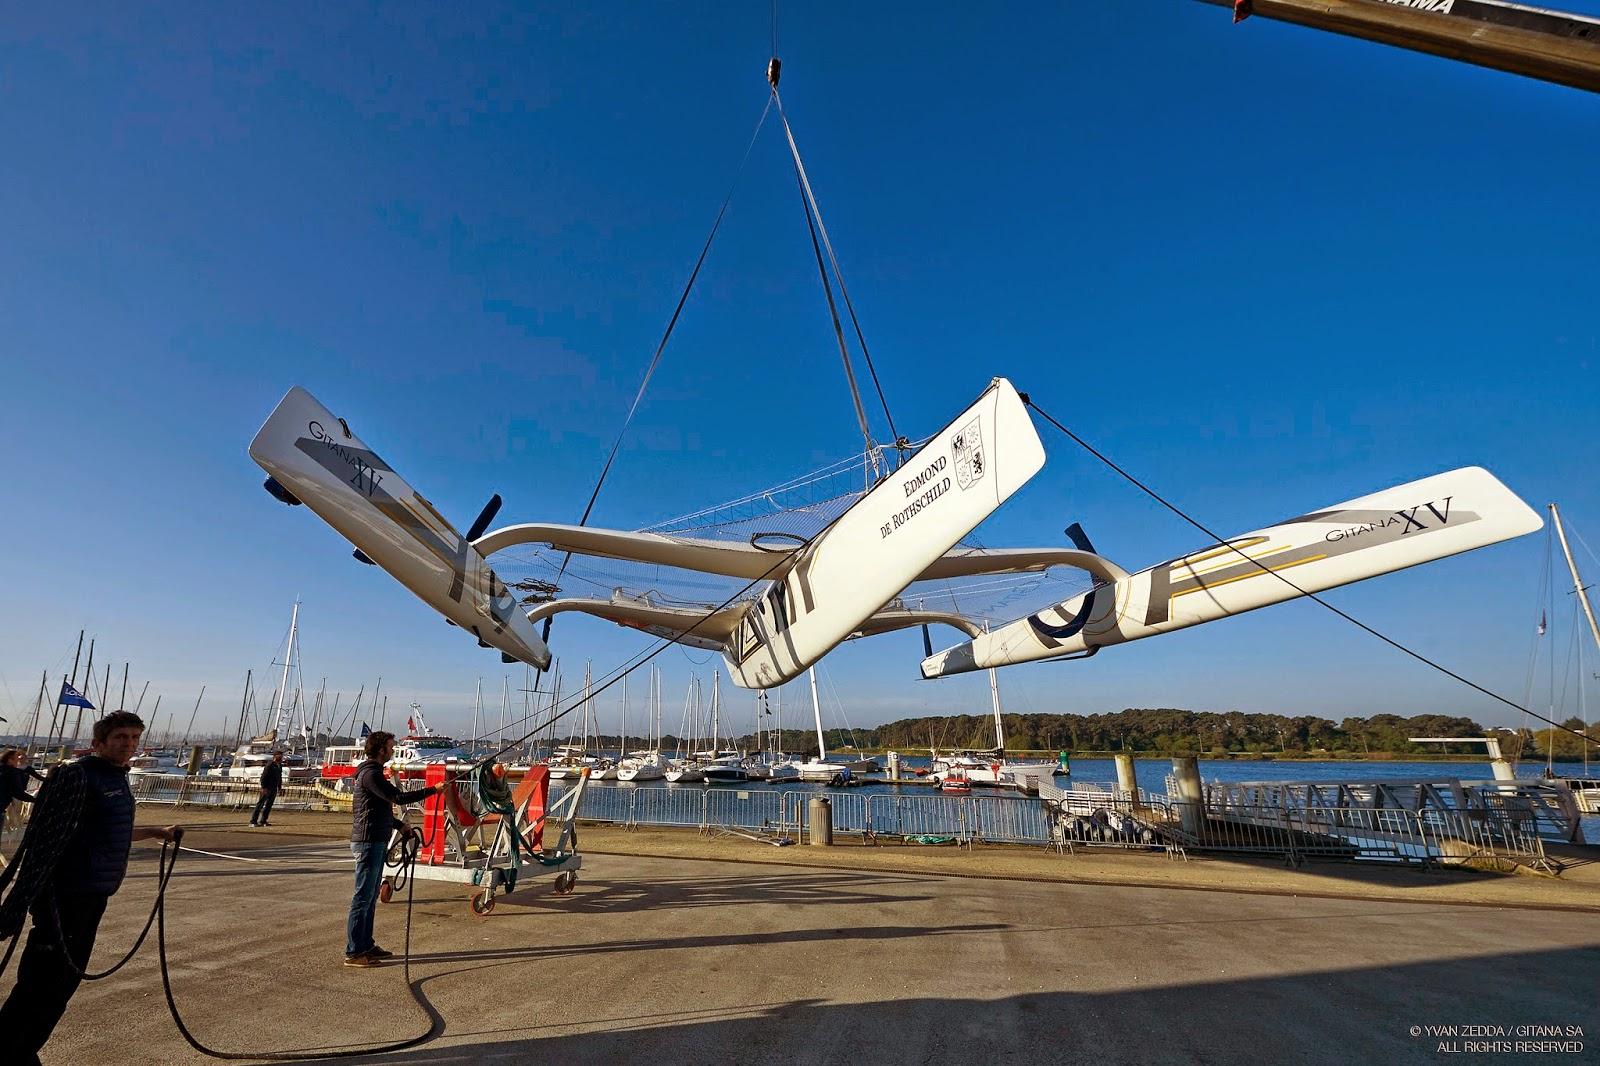 Gitana XV remis à l'eau à Lorient, vers de nouveaux horizons ?